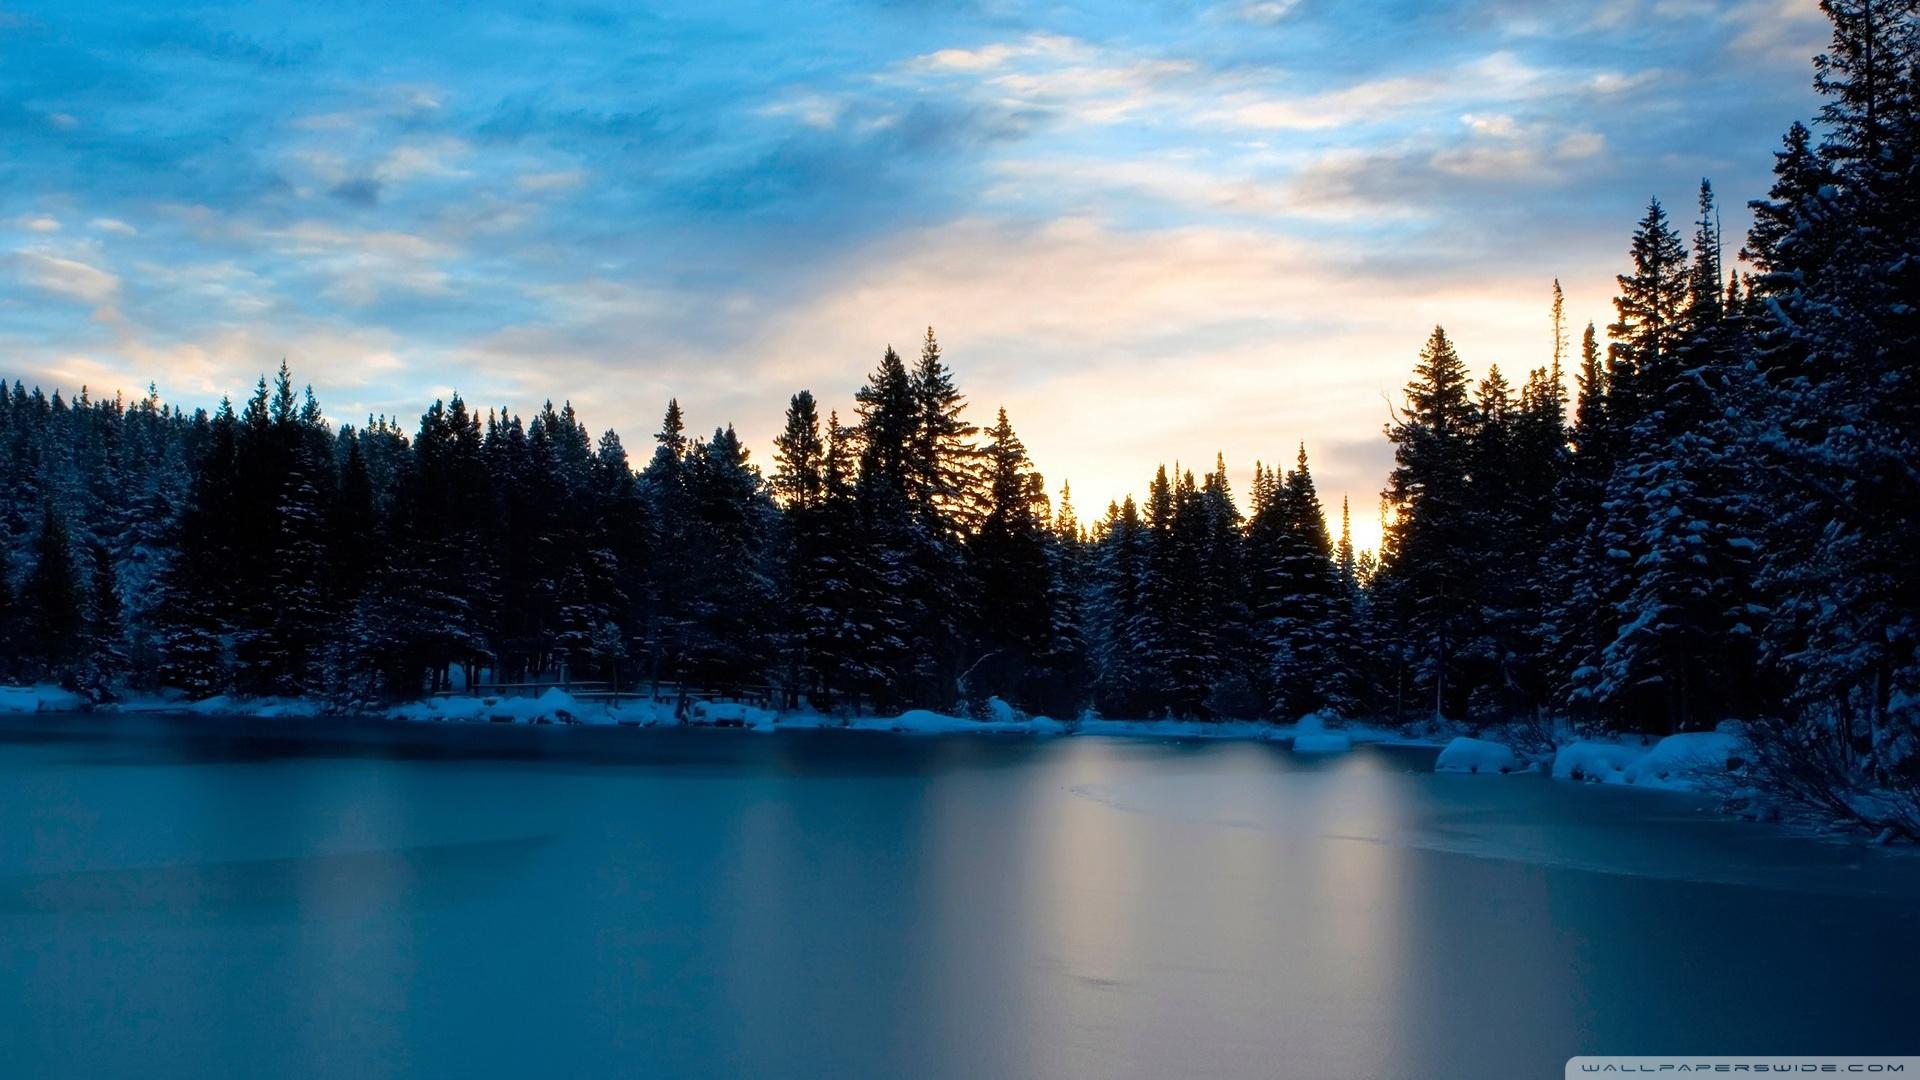 Frozen Lake Wallpaper HD